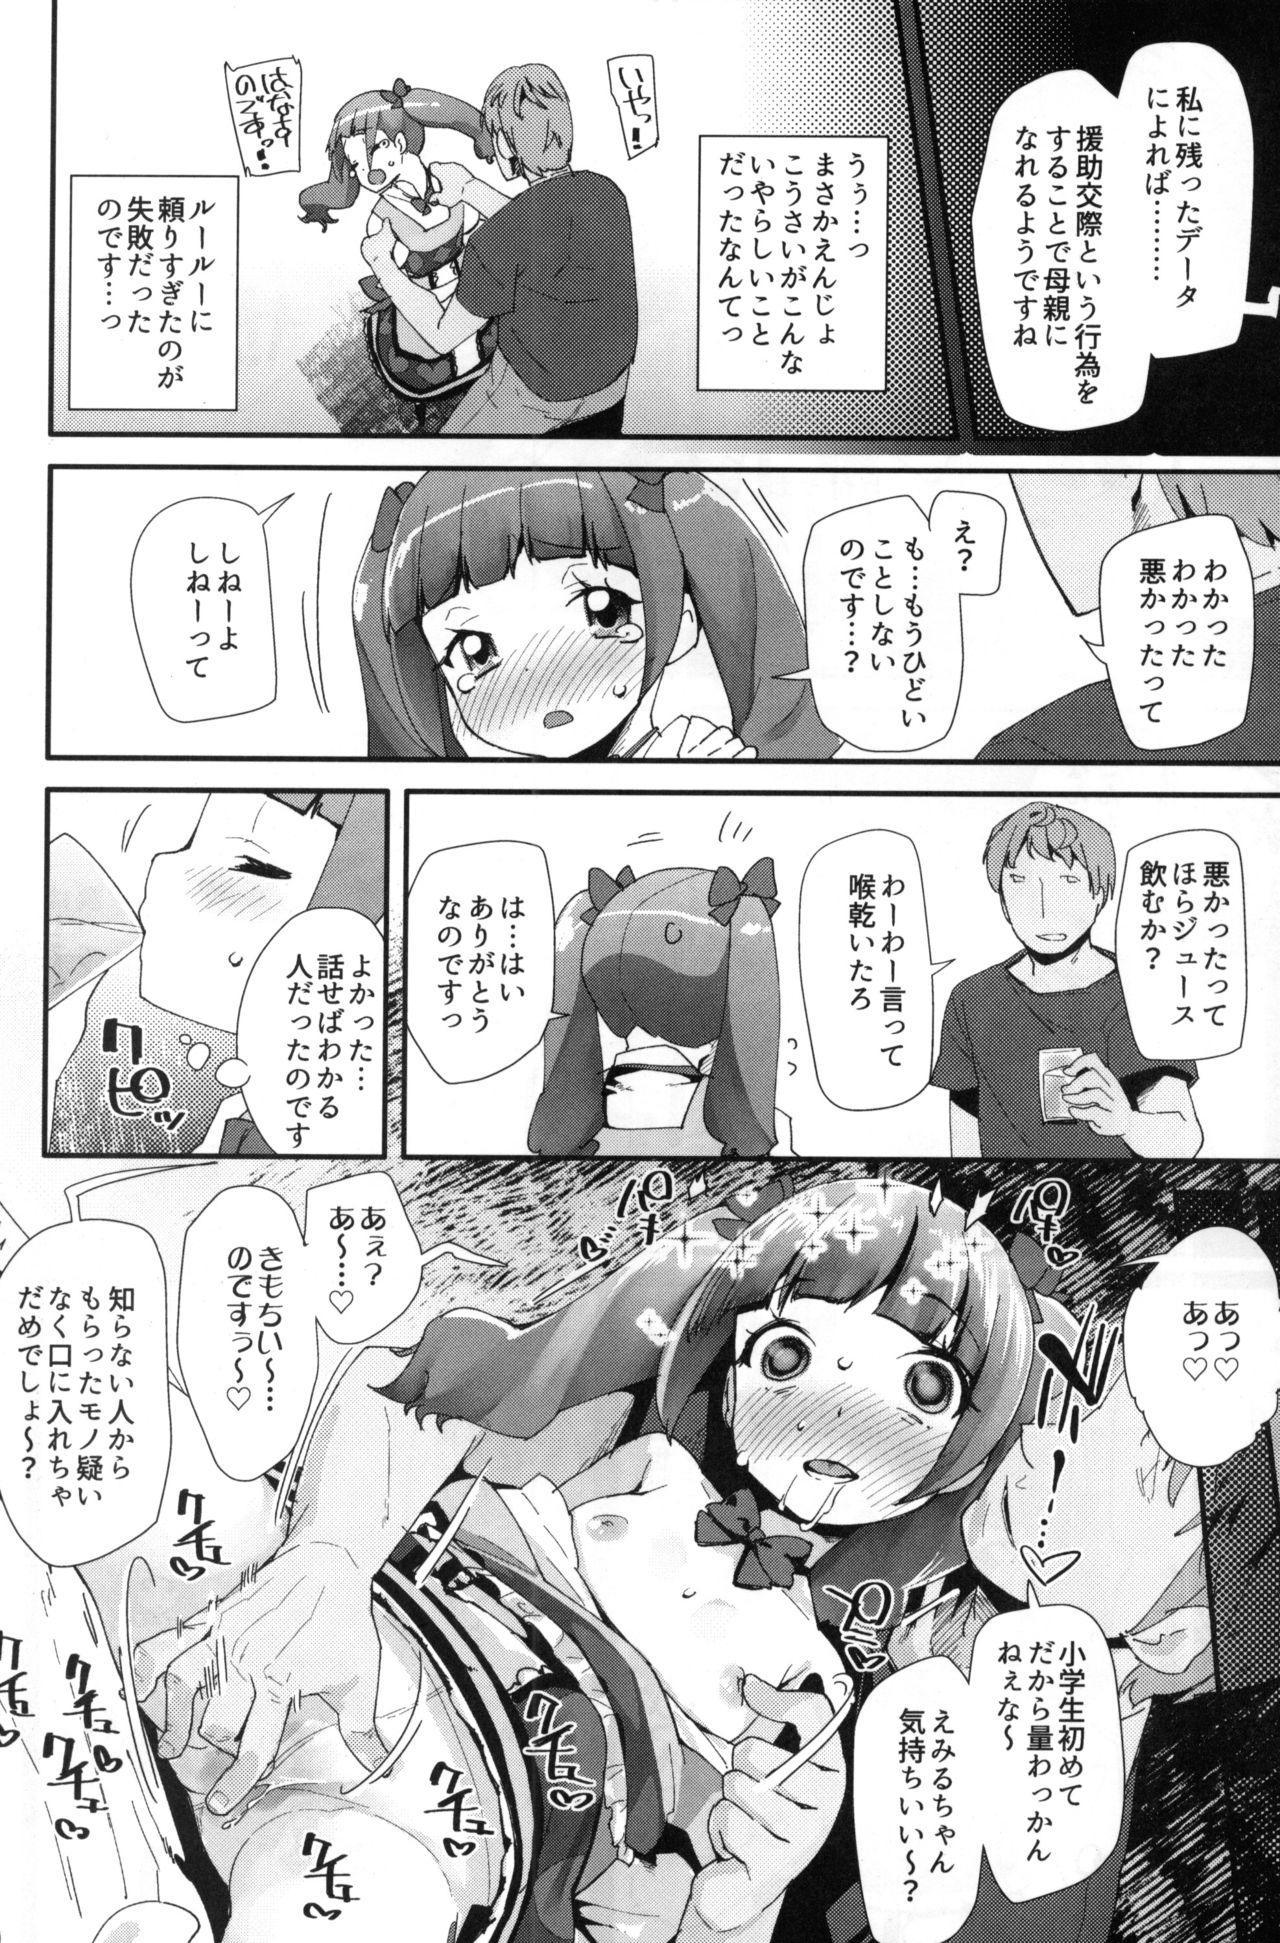 Warui Otoko ni Kimeseku Chuudoku ni Sarete Mama ni Naru Emiru-chan 4